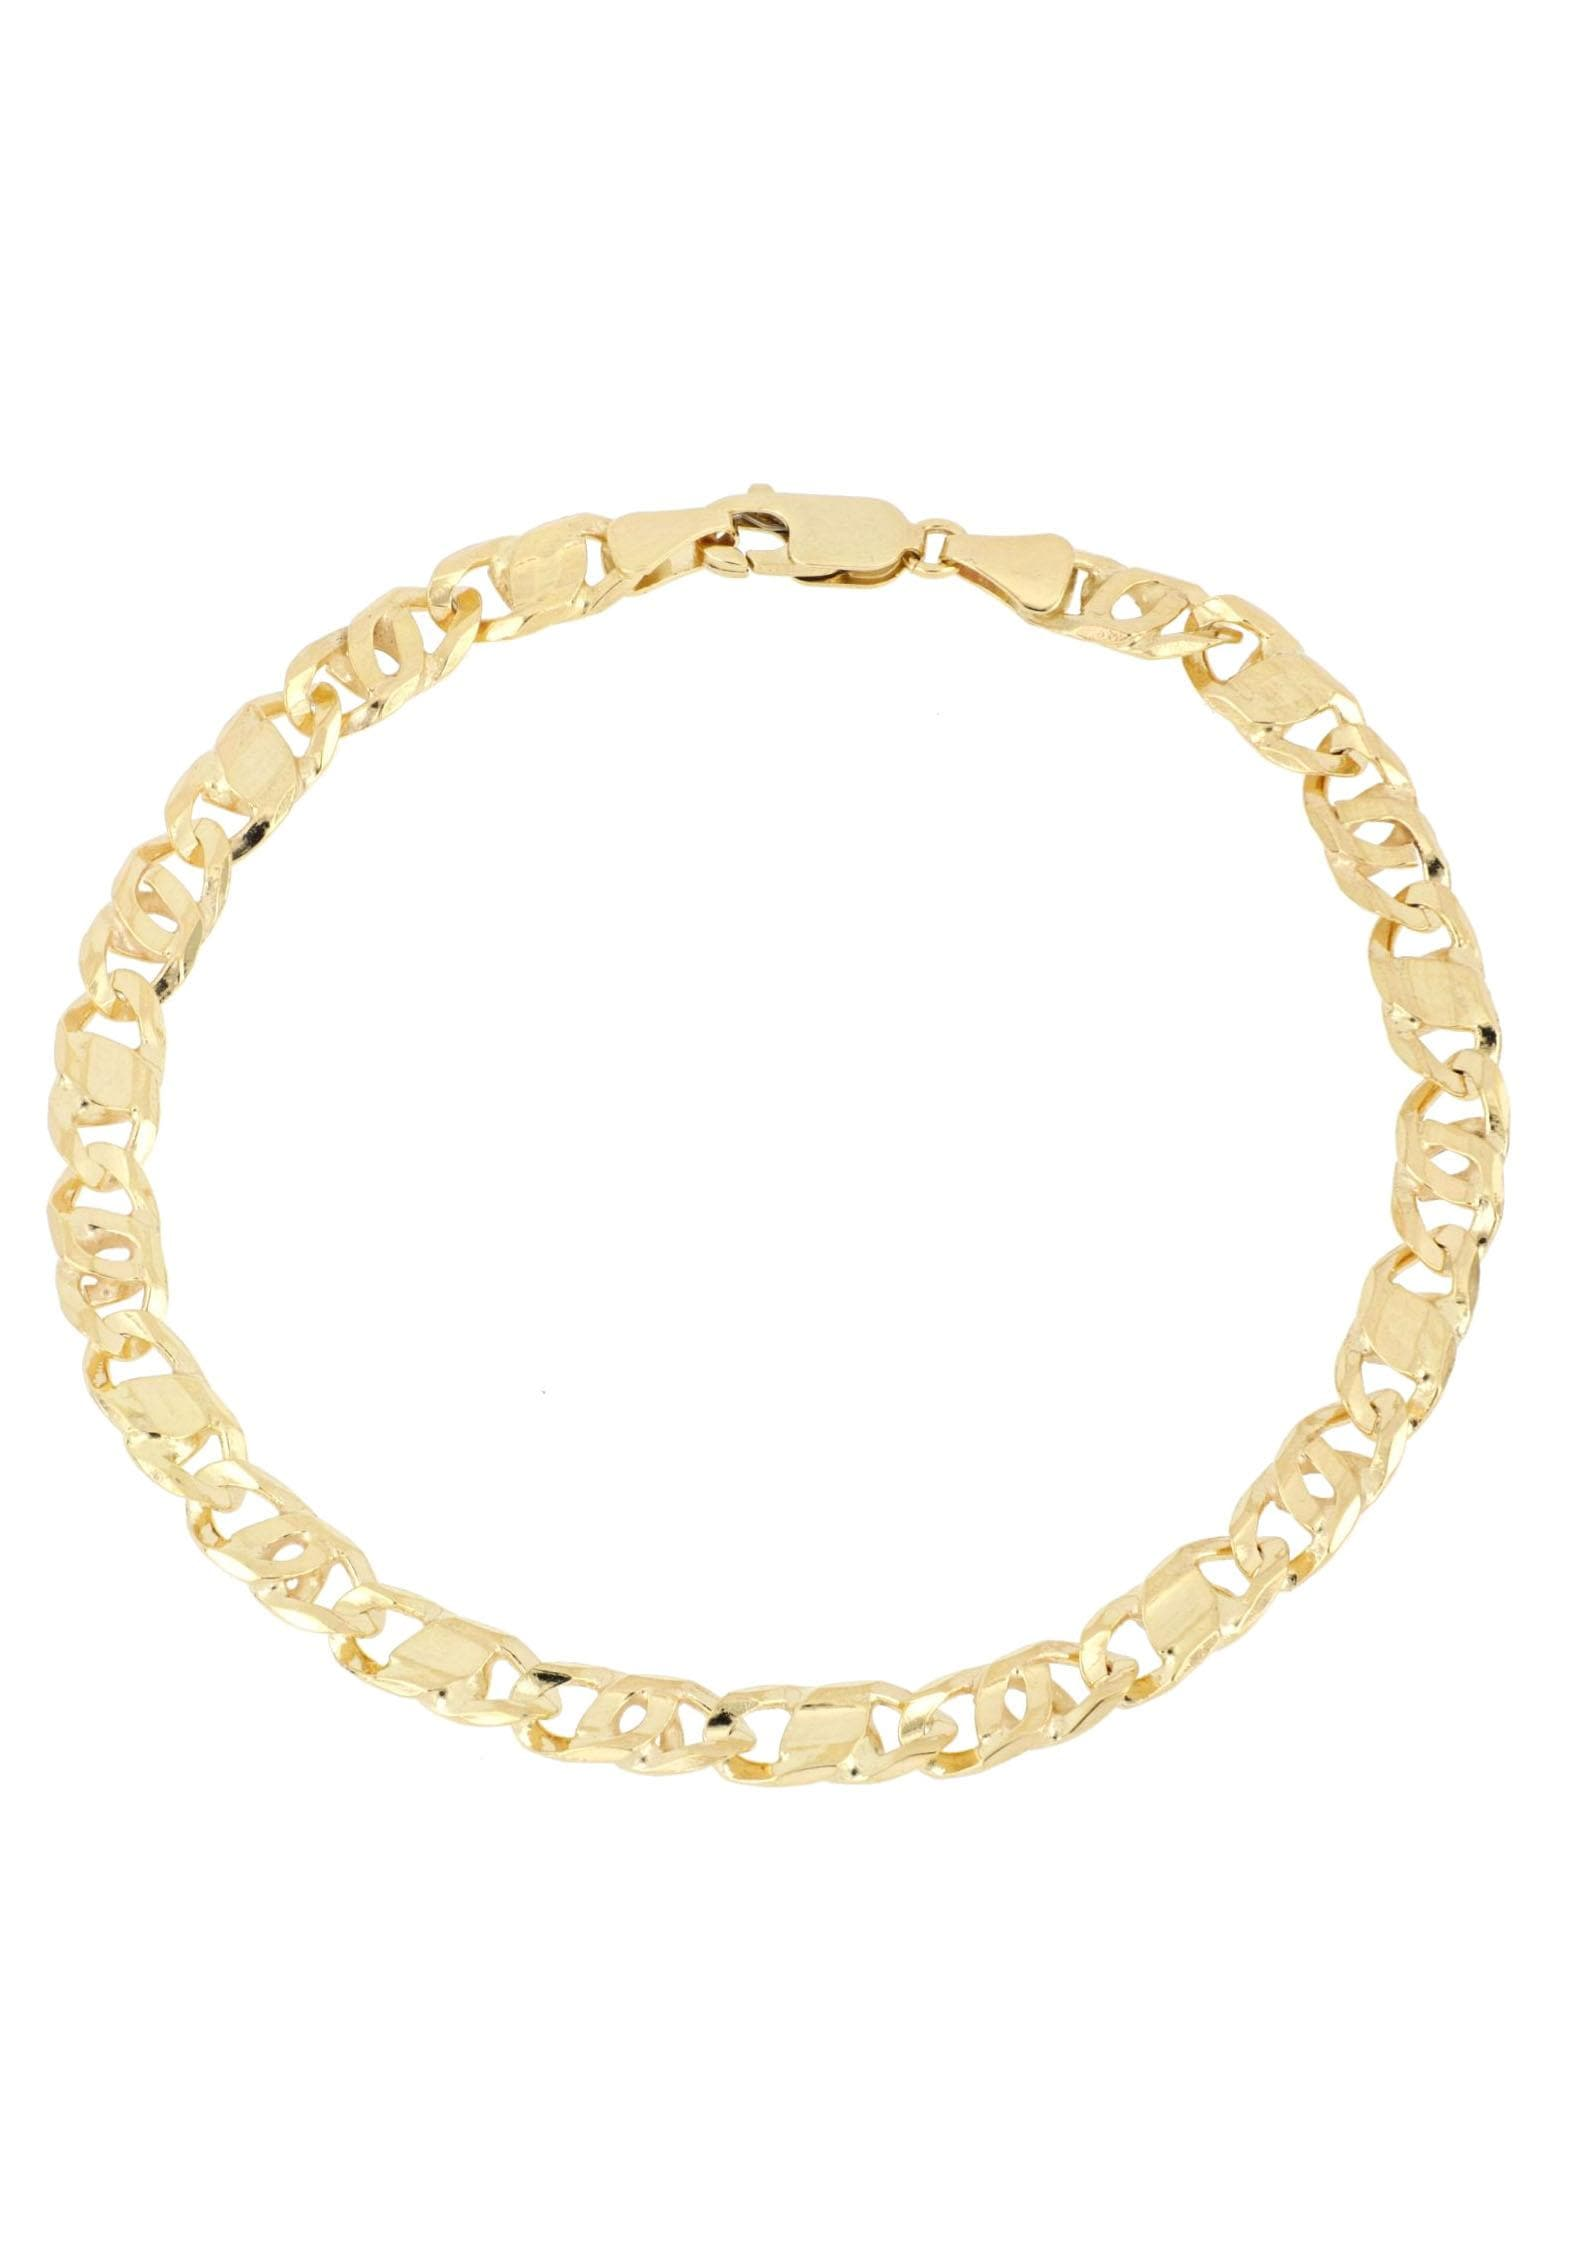 Firetti Goldarmband Achter-Rebhuhn-Plättchenkettengliederung 55 mm breit 6-fach diamantiert konkav   Schmuck > Armbänder > Goldarmbänder   Goldfarben   Firetti